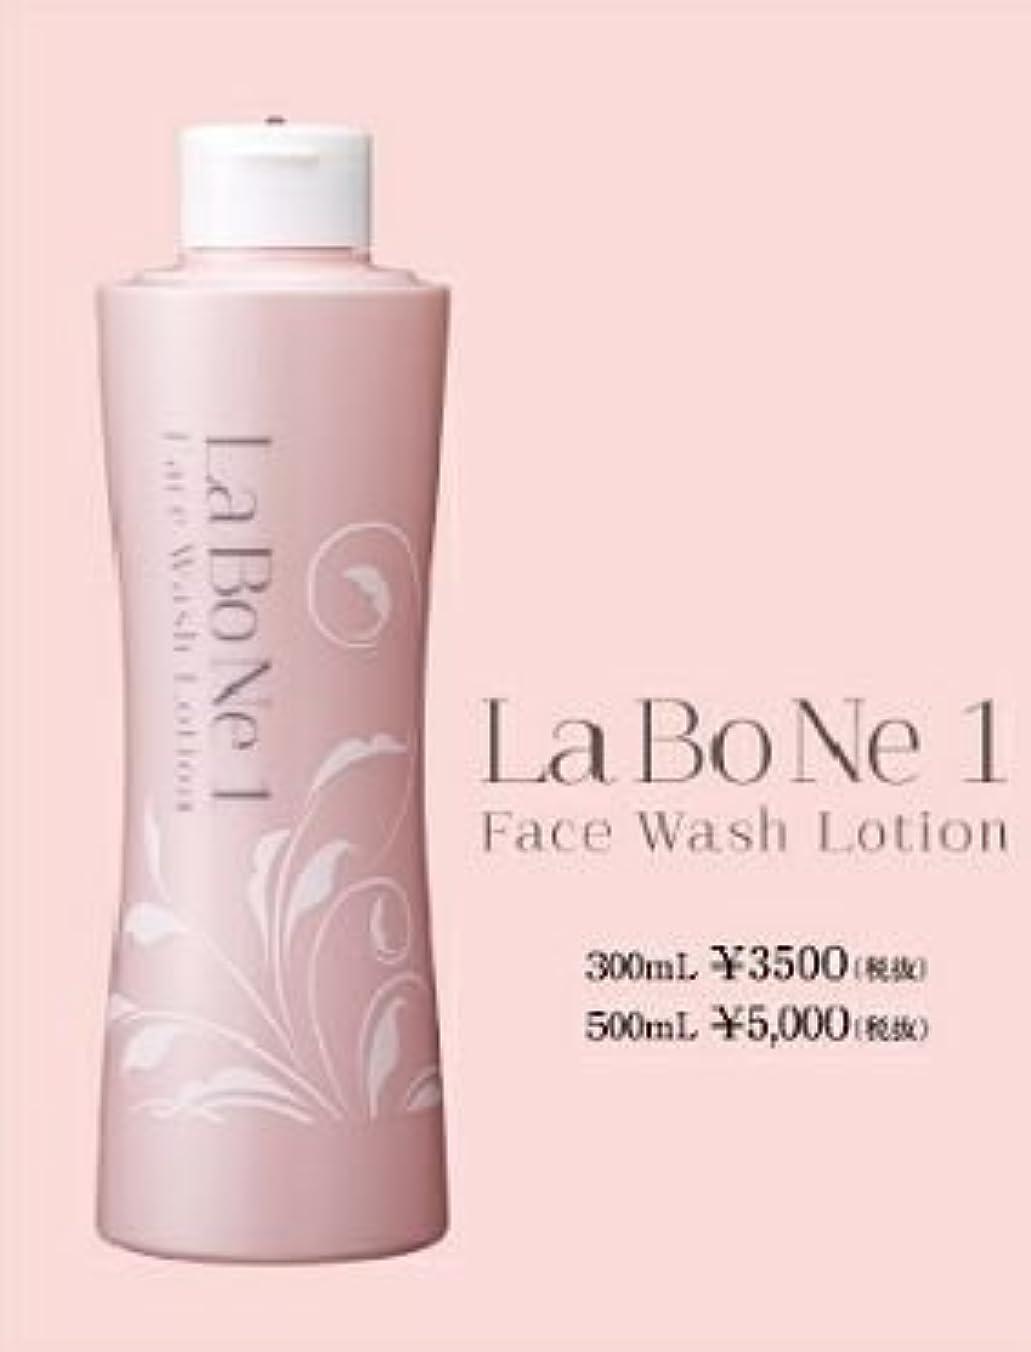 ホテル横図「LaBoNe1」ラボネ1 (300ml) 塗るから洗うへ。新発想の美容液 化粧水 クリーム コスメ メンズコスメ スキンケア 毛穴 エステ 業務用